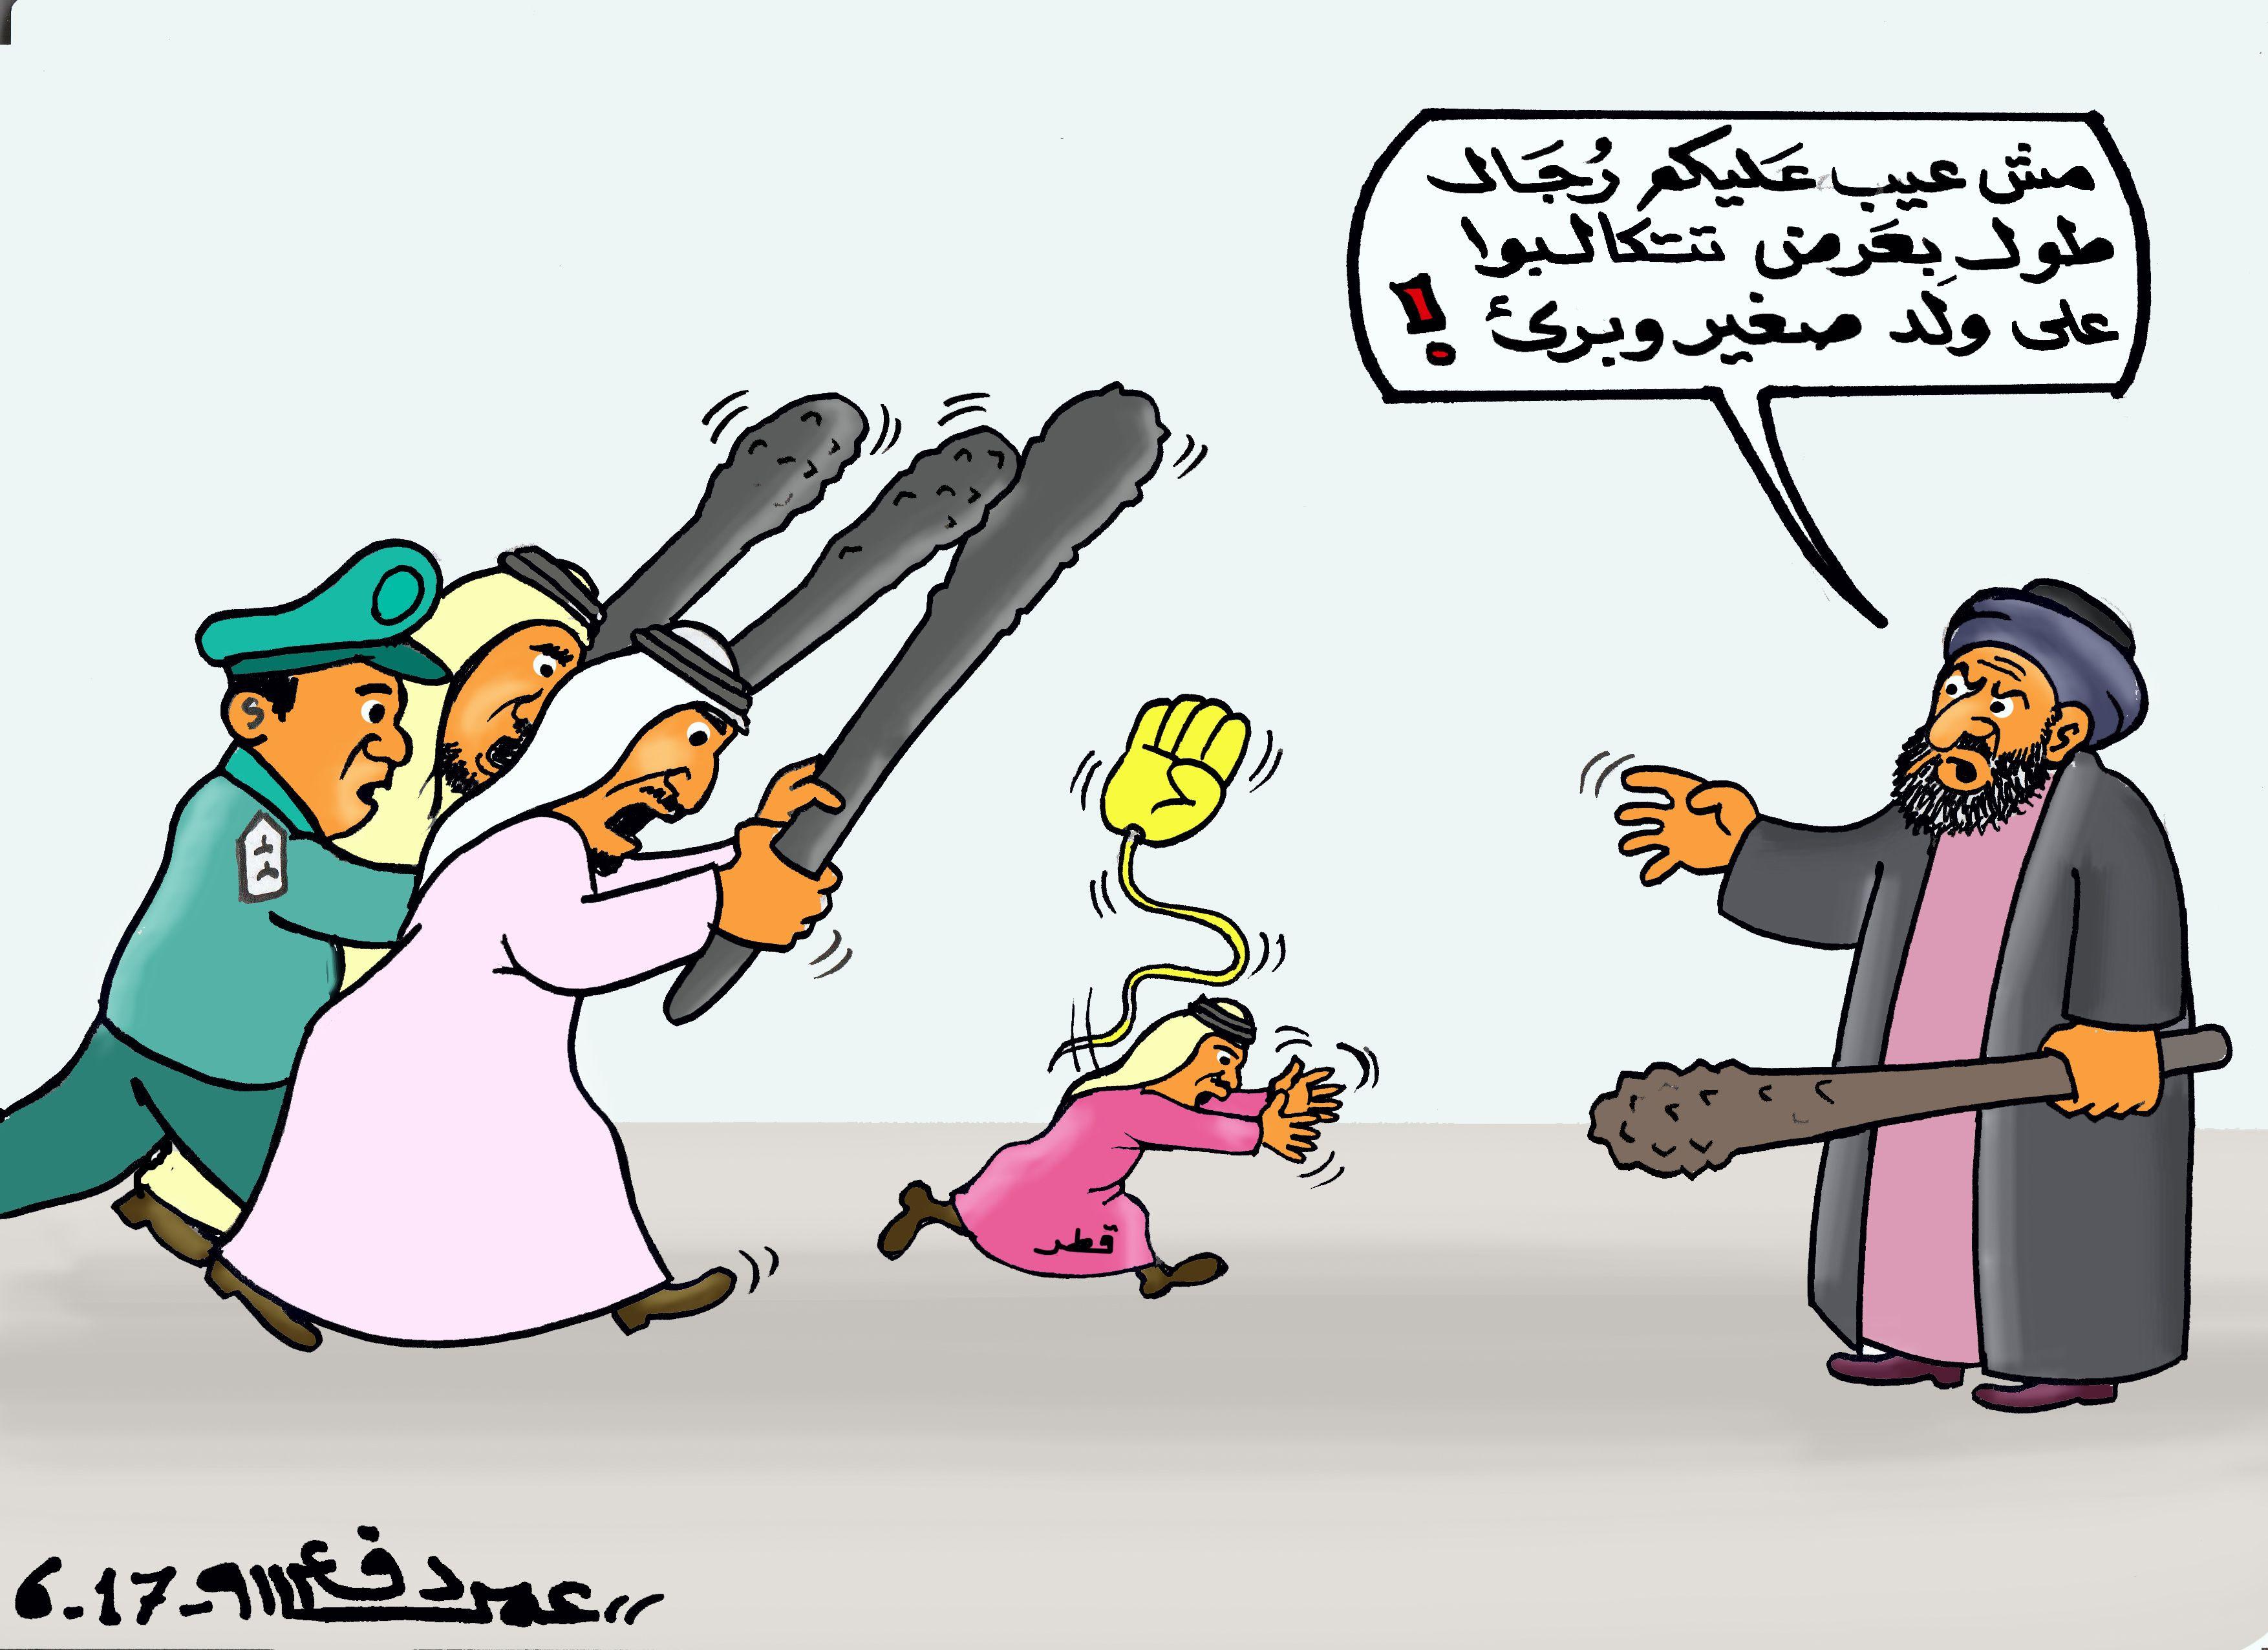 كاركاتير اليوم الموافق 07 يونيو 2017 للفنان عمر دفع الله عن  الخلاف الخليجي